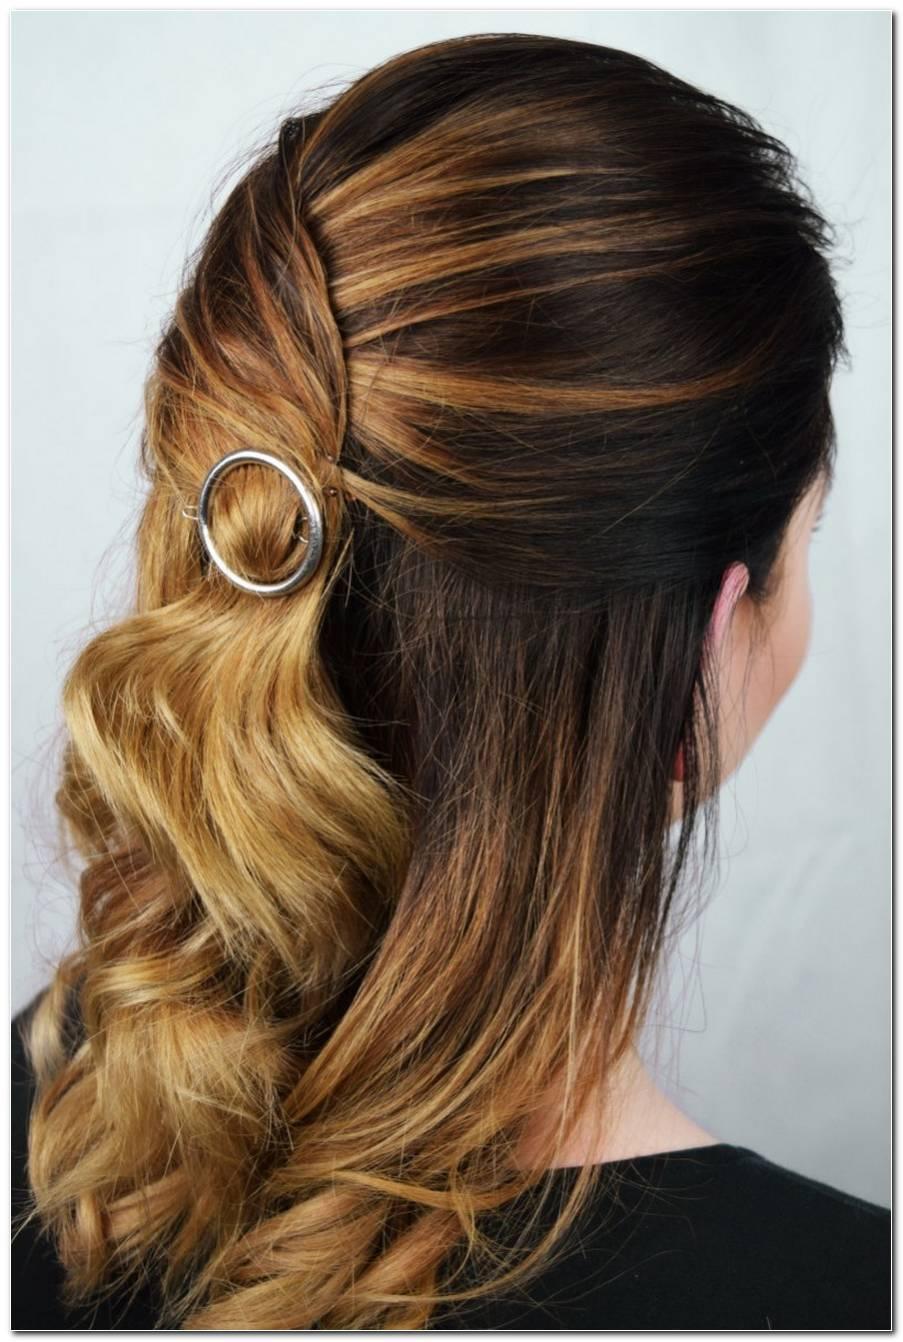 Frisuren Mit Haarspangen